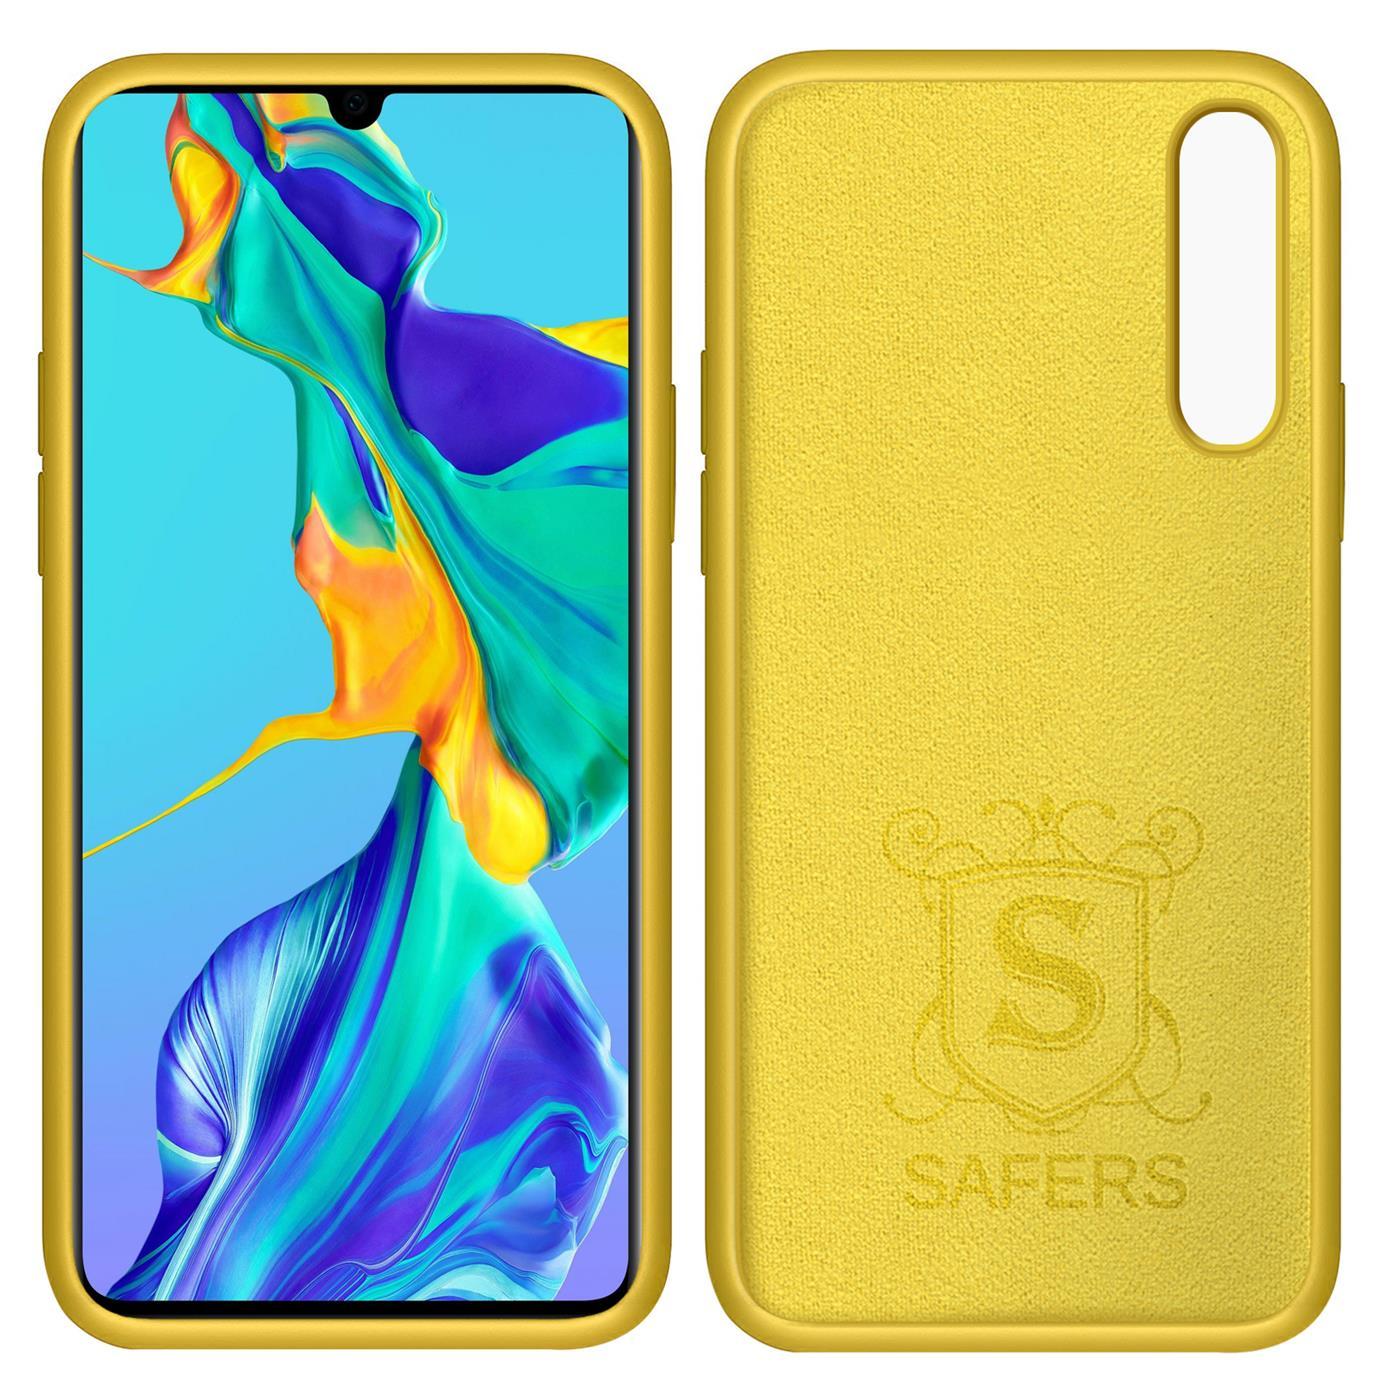 Huelle-Huawei-P30-Handy-Schutz-Cover-Silikon-Gel-Case-Handyhuelle-Tasche Indexbild 10